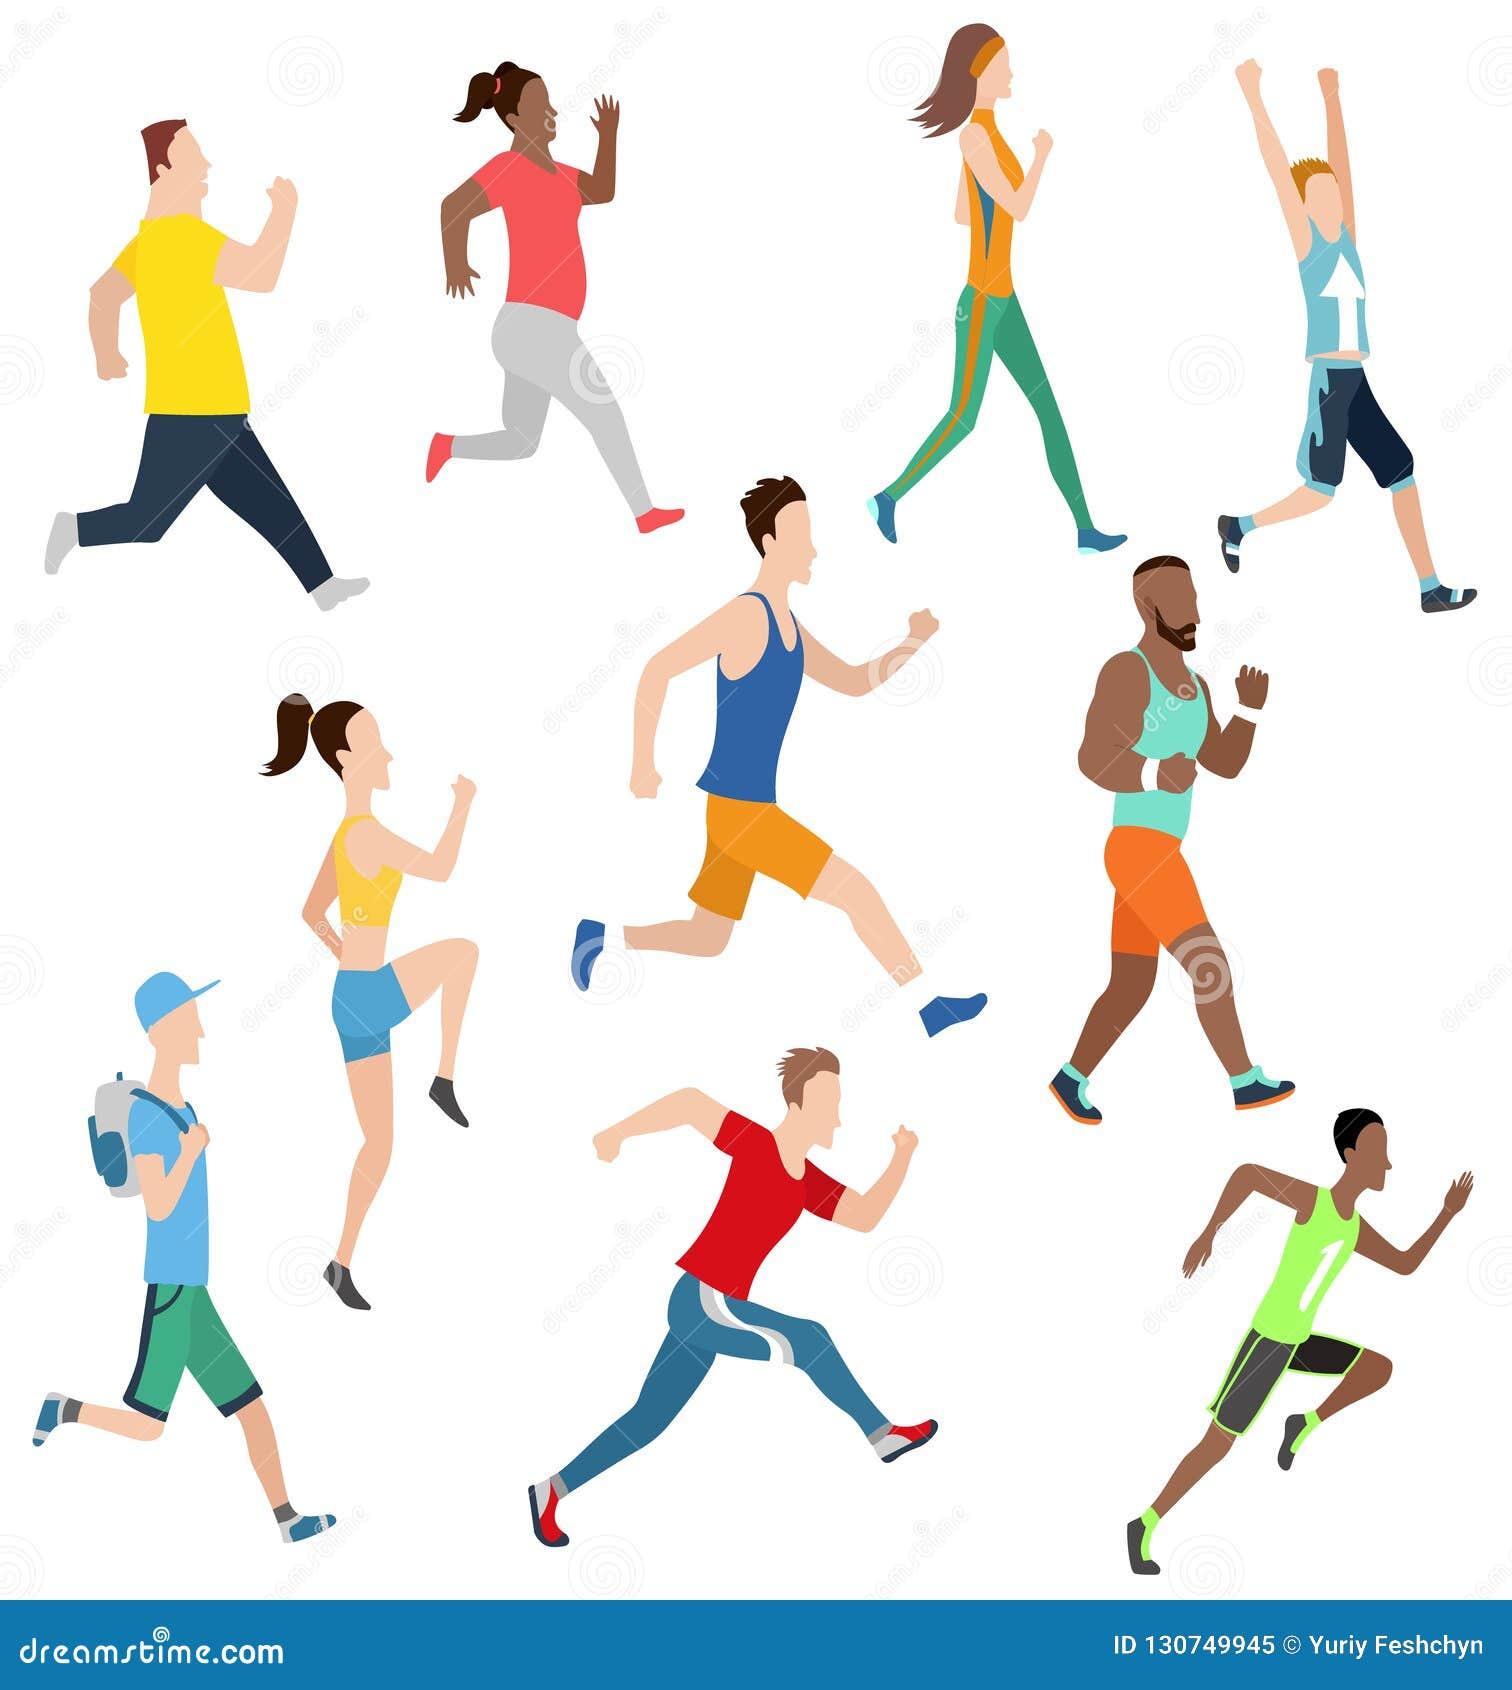 Человек и женщины вектора идущие в плоском стиле дизайна Спорт Бег активная пригодность